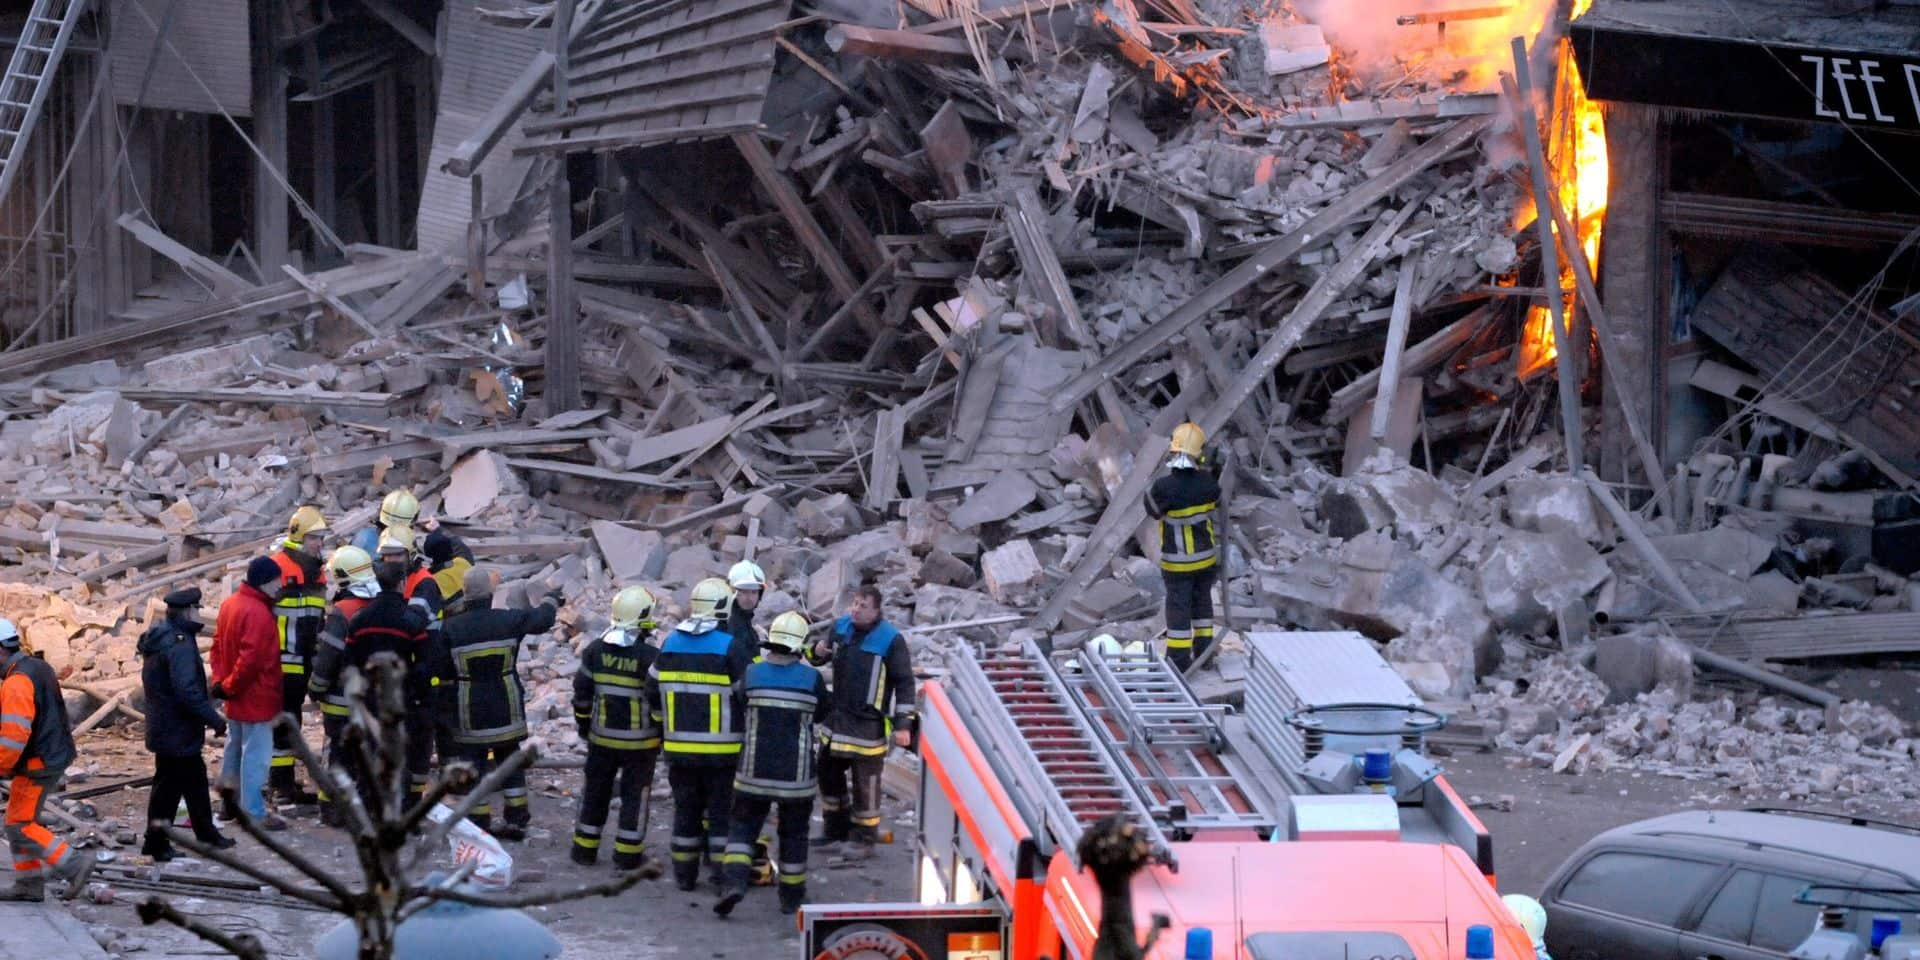 Dix ans après l'explosion de la rue Léopold à Liège, la justice rend son jugement ce jeudi